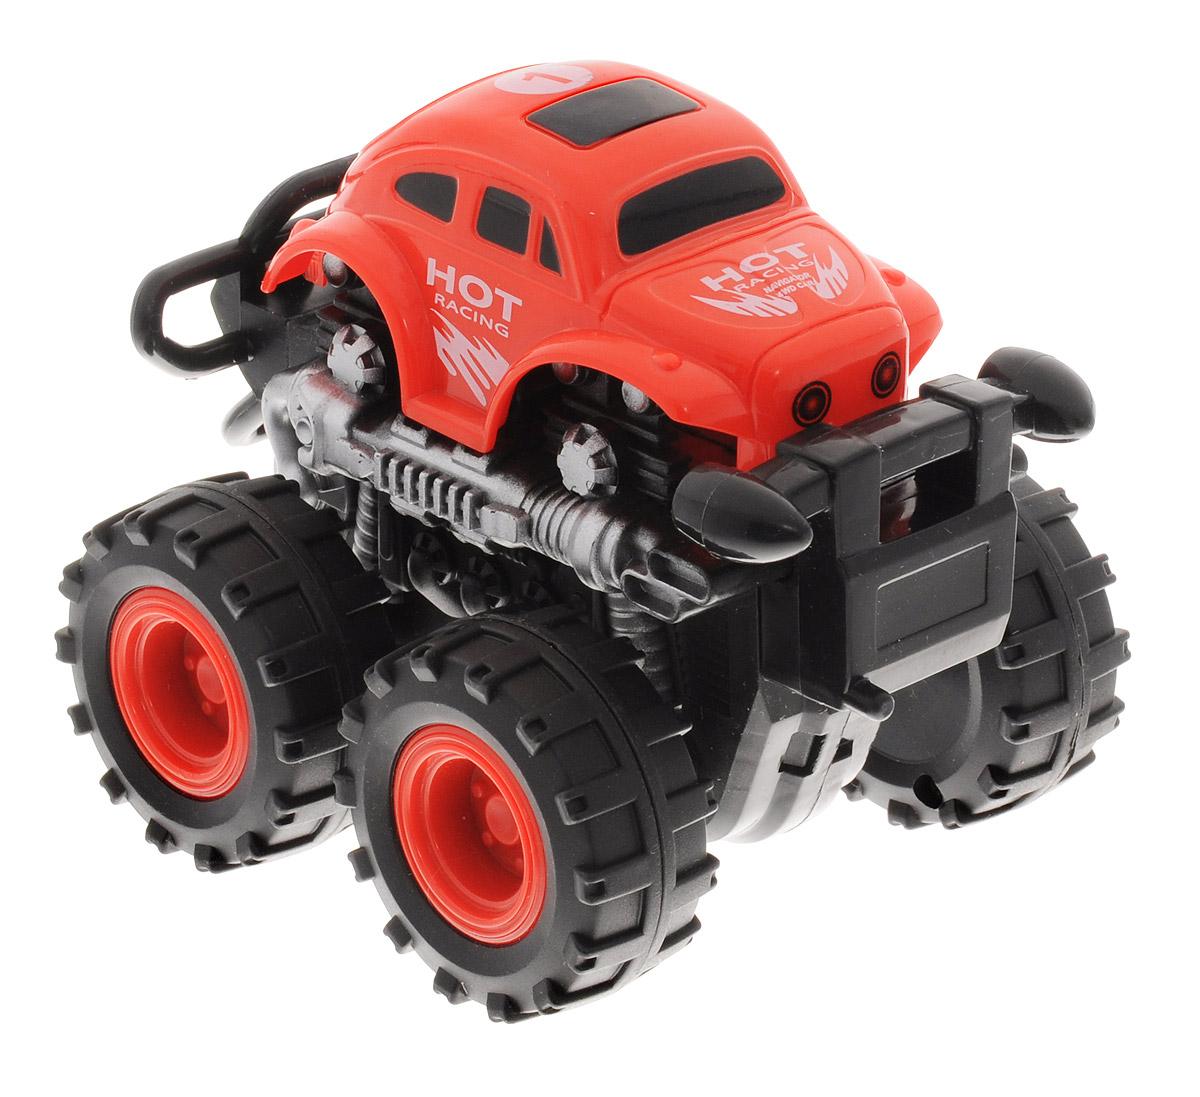 Big Motors Машинка инерционная 4WD цвет красный806B_красныйИнерционная машинка Big Motors 4WD станет любимой игрушкой вашего малыша. Игрушка представляет собой внедорожник с огромными колесами. Машинка оснащена инерционным механизмом. Достаточно немного подтолкнуть машинку вперед или назад, а затем отпустить, и она сама поедет в ту же сторону. Ваш ребенок будет часами играть с этой машинкой, придумывая различные истории. Порадуйте его таким замечательным подарком!